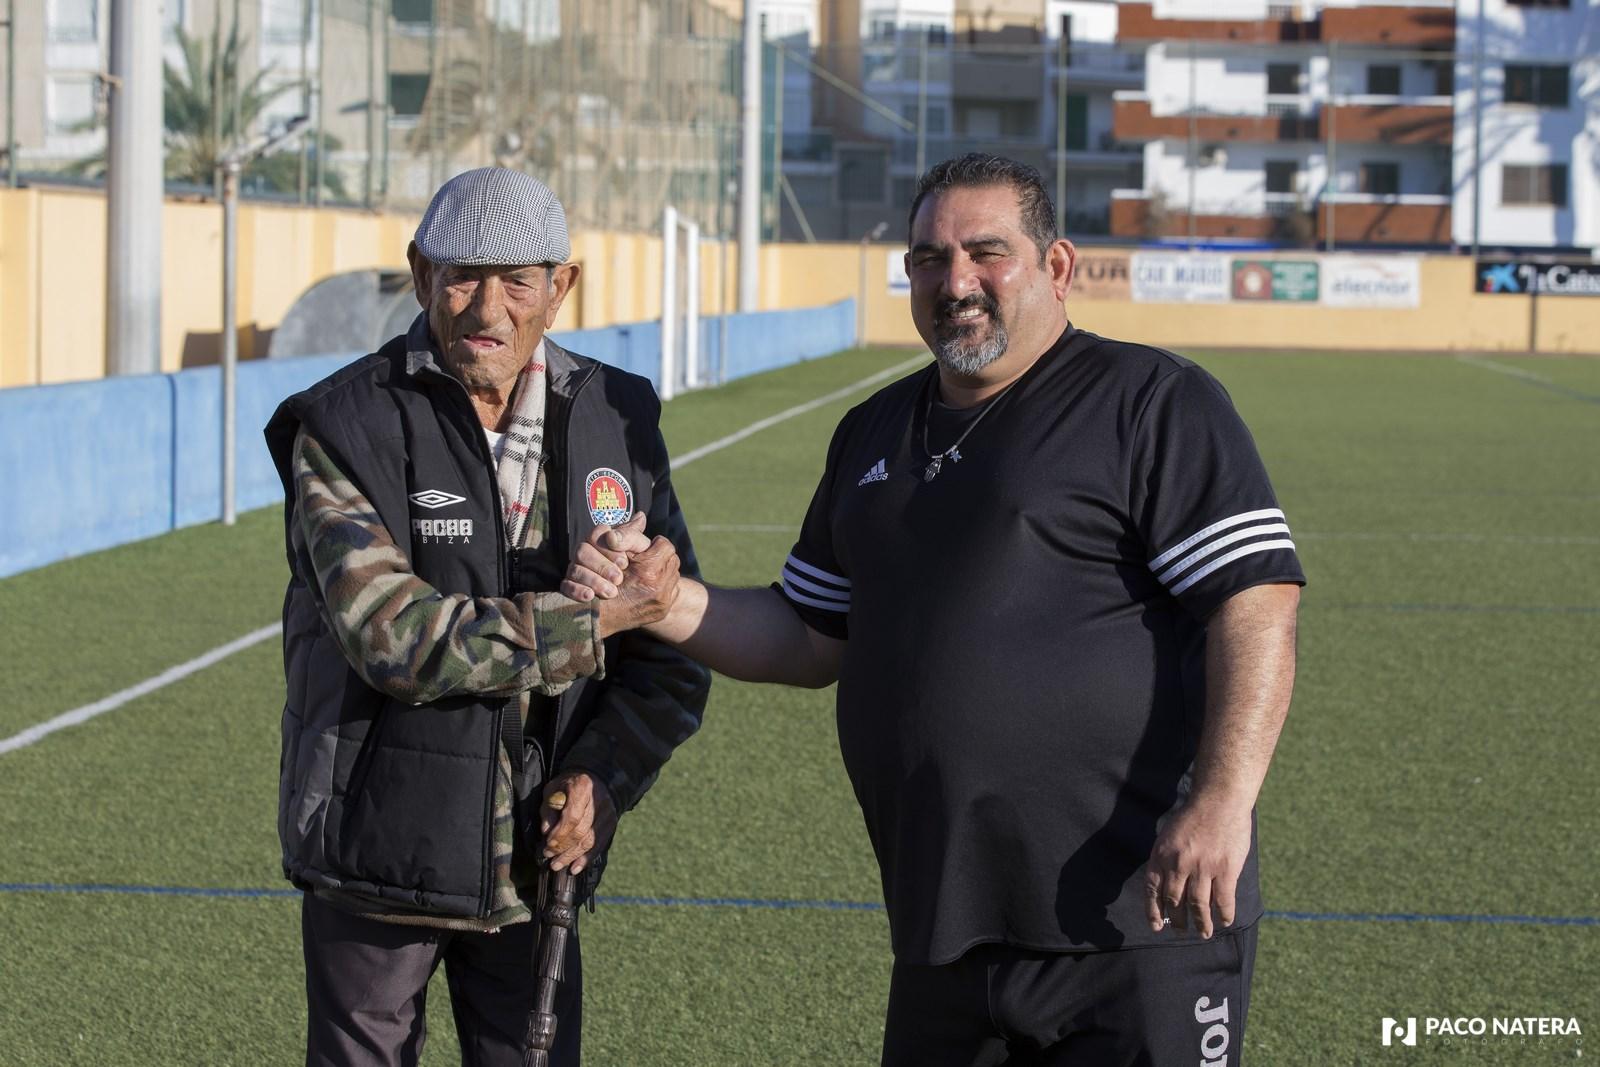 Padre e hijo se estrechan la mano en el campo de fútbol de Can Cantó.